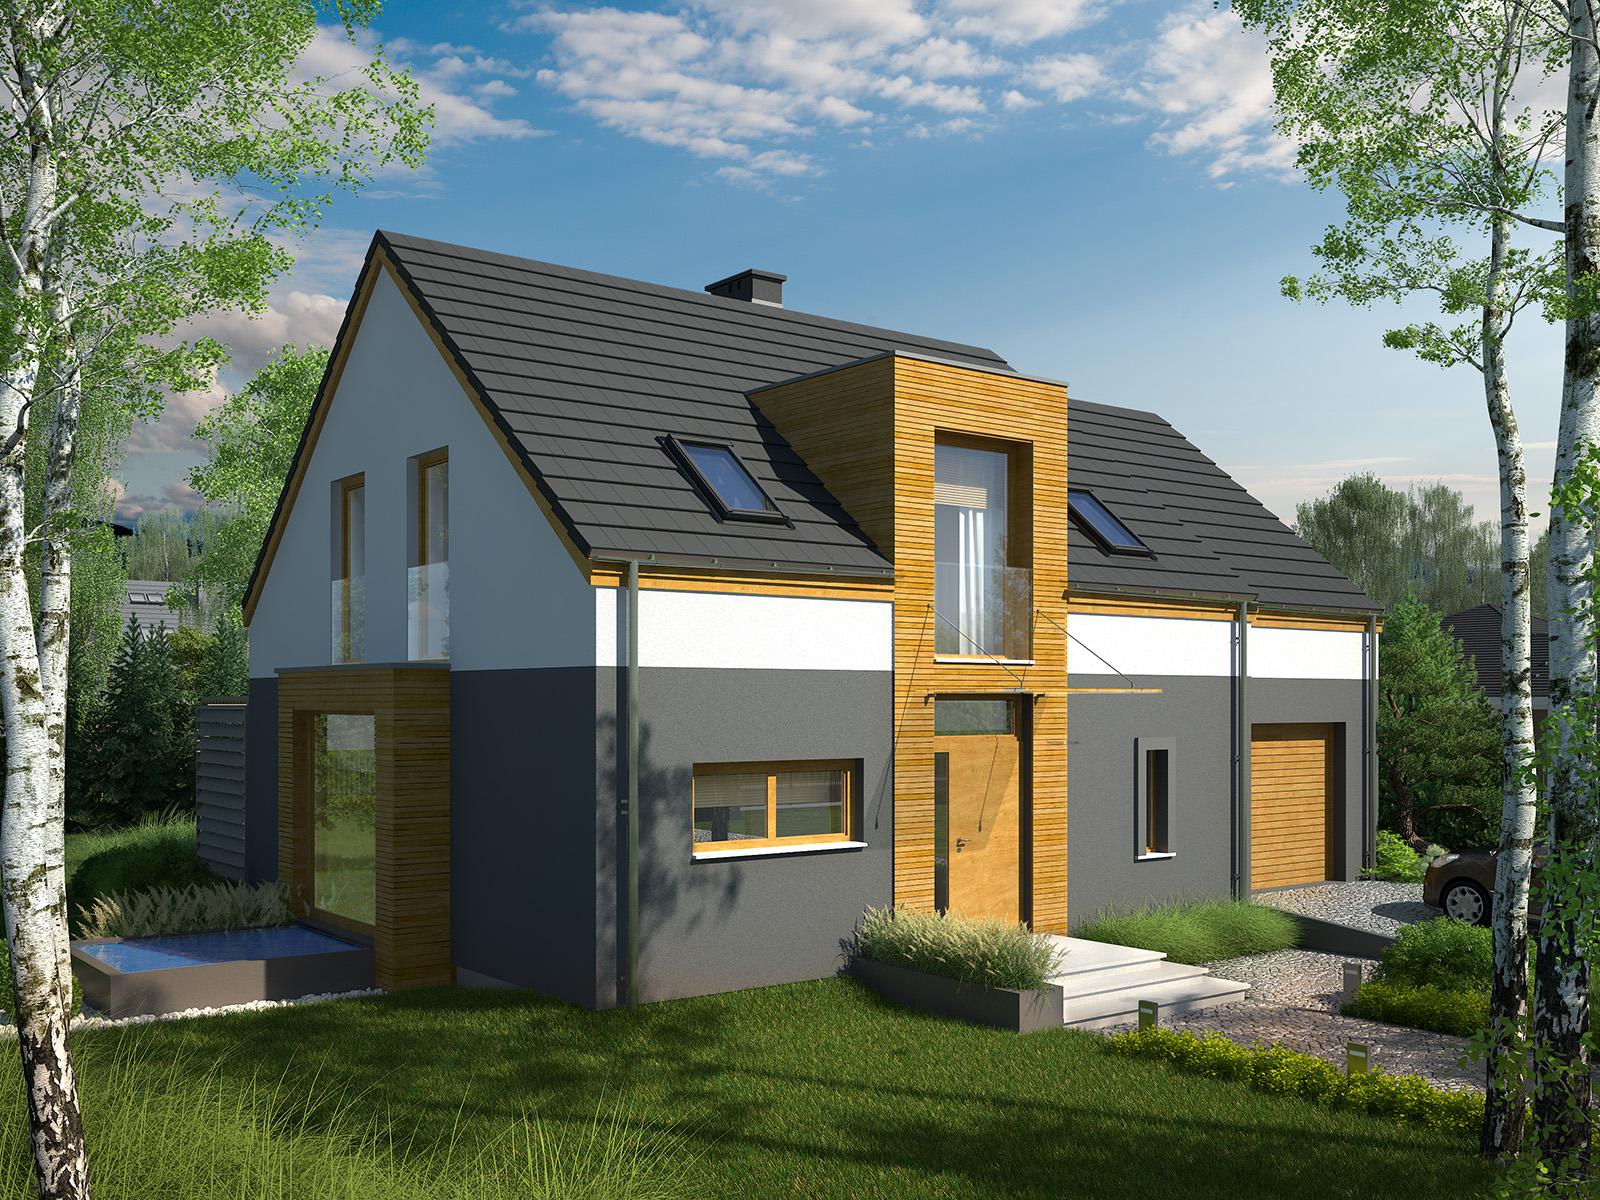 Projekt domu MIGDAŁOWY Domy Czystej Energii widok od frontu